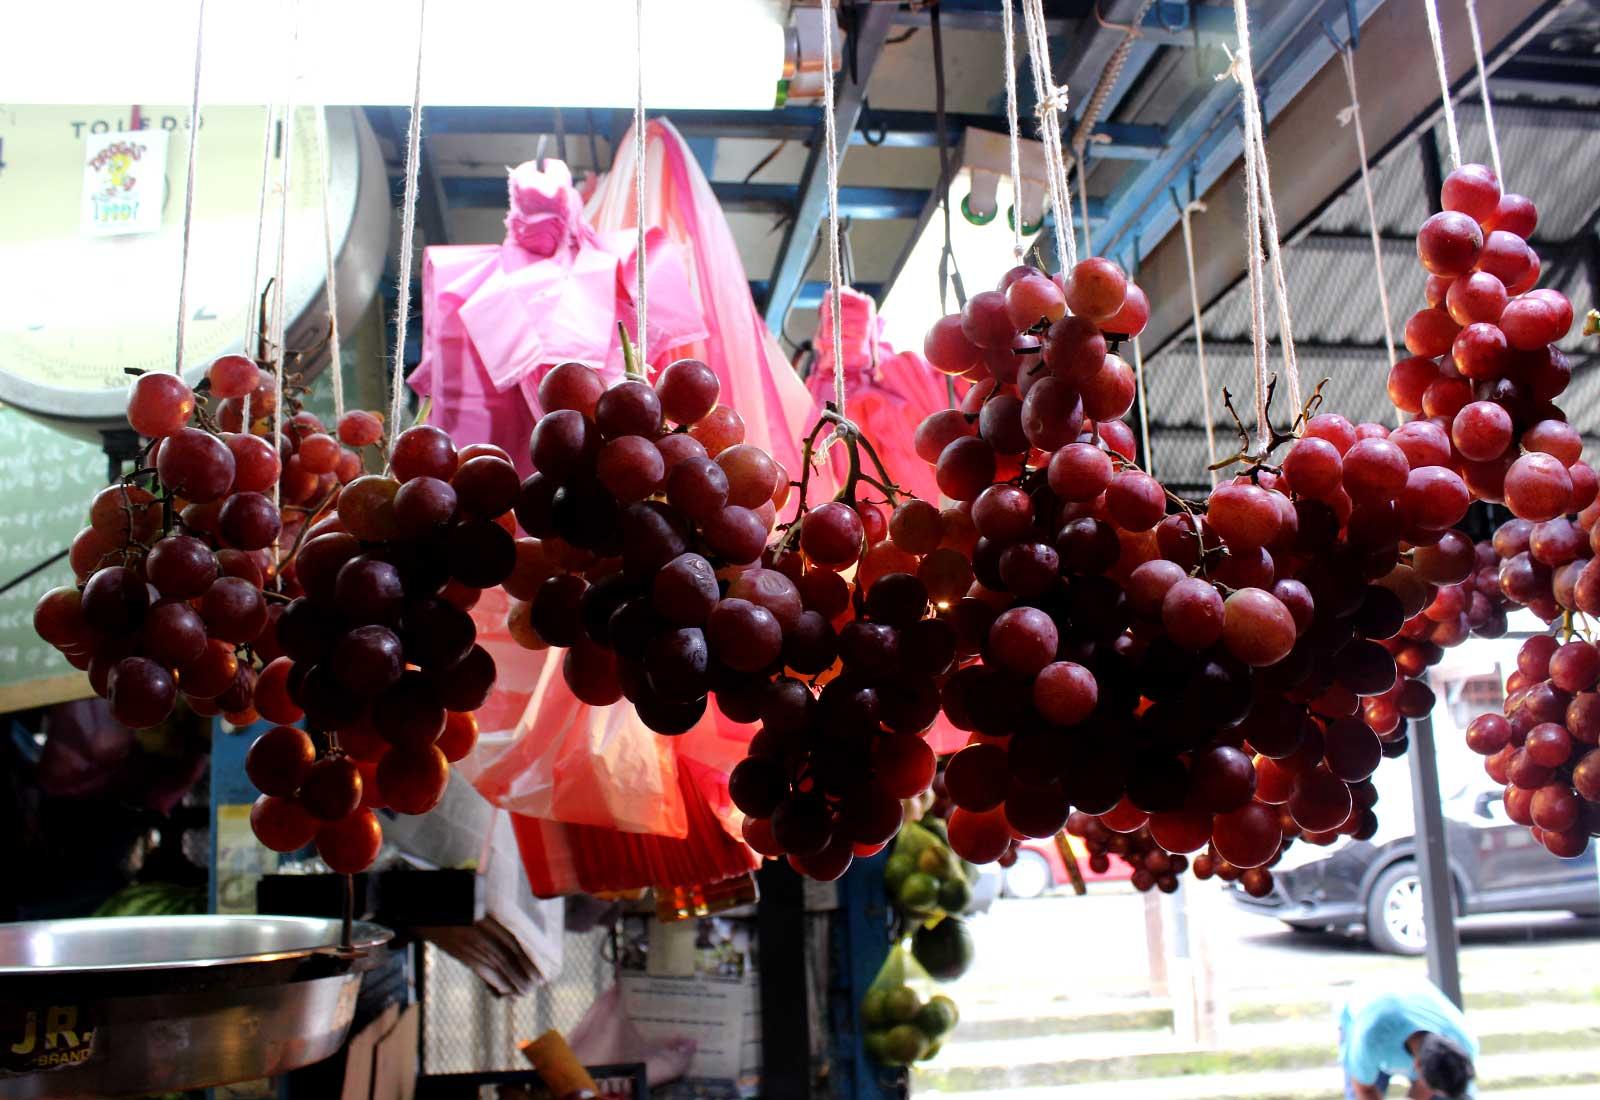 Hanging Grapes at Market